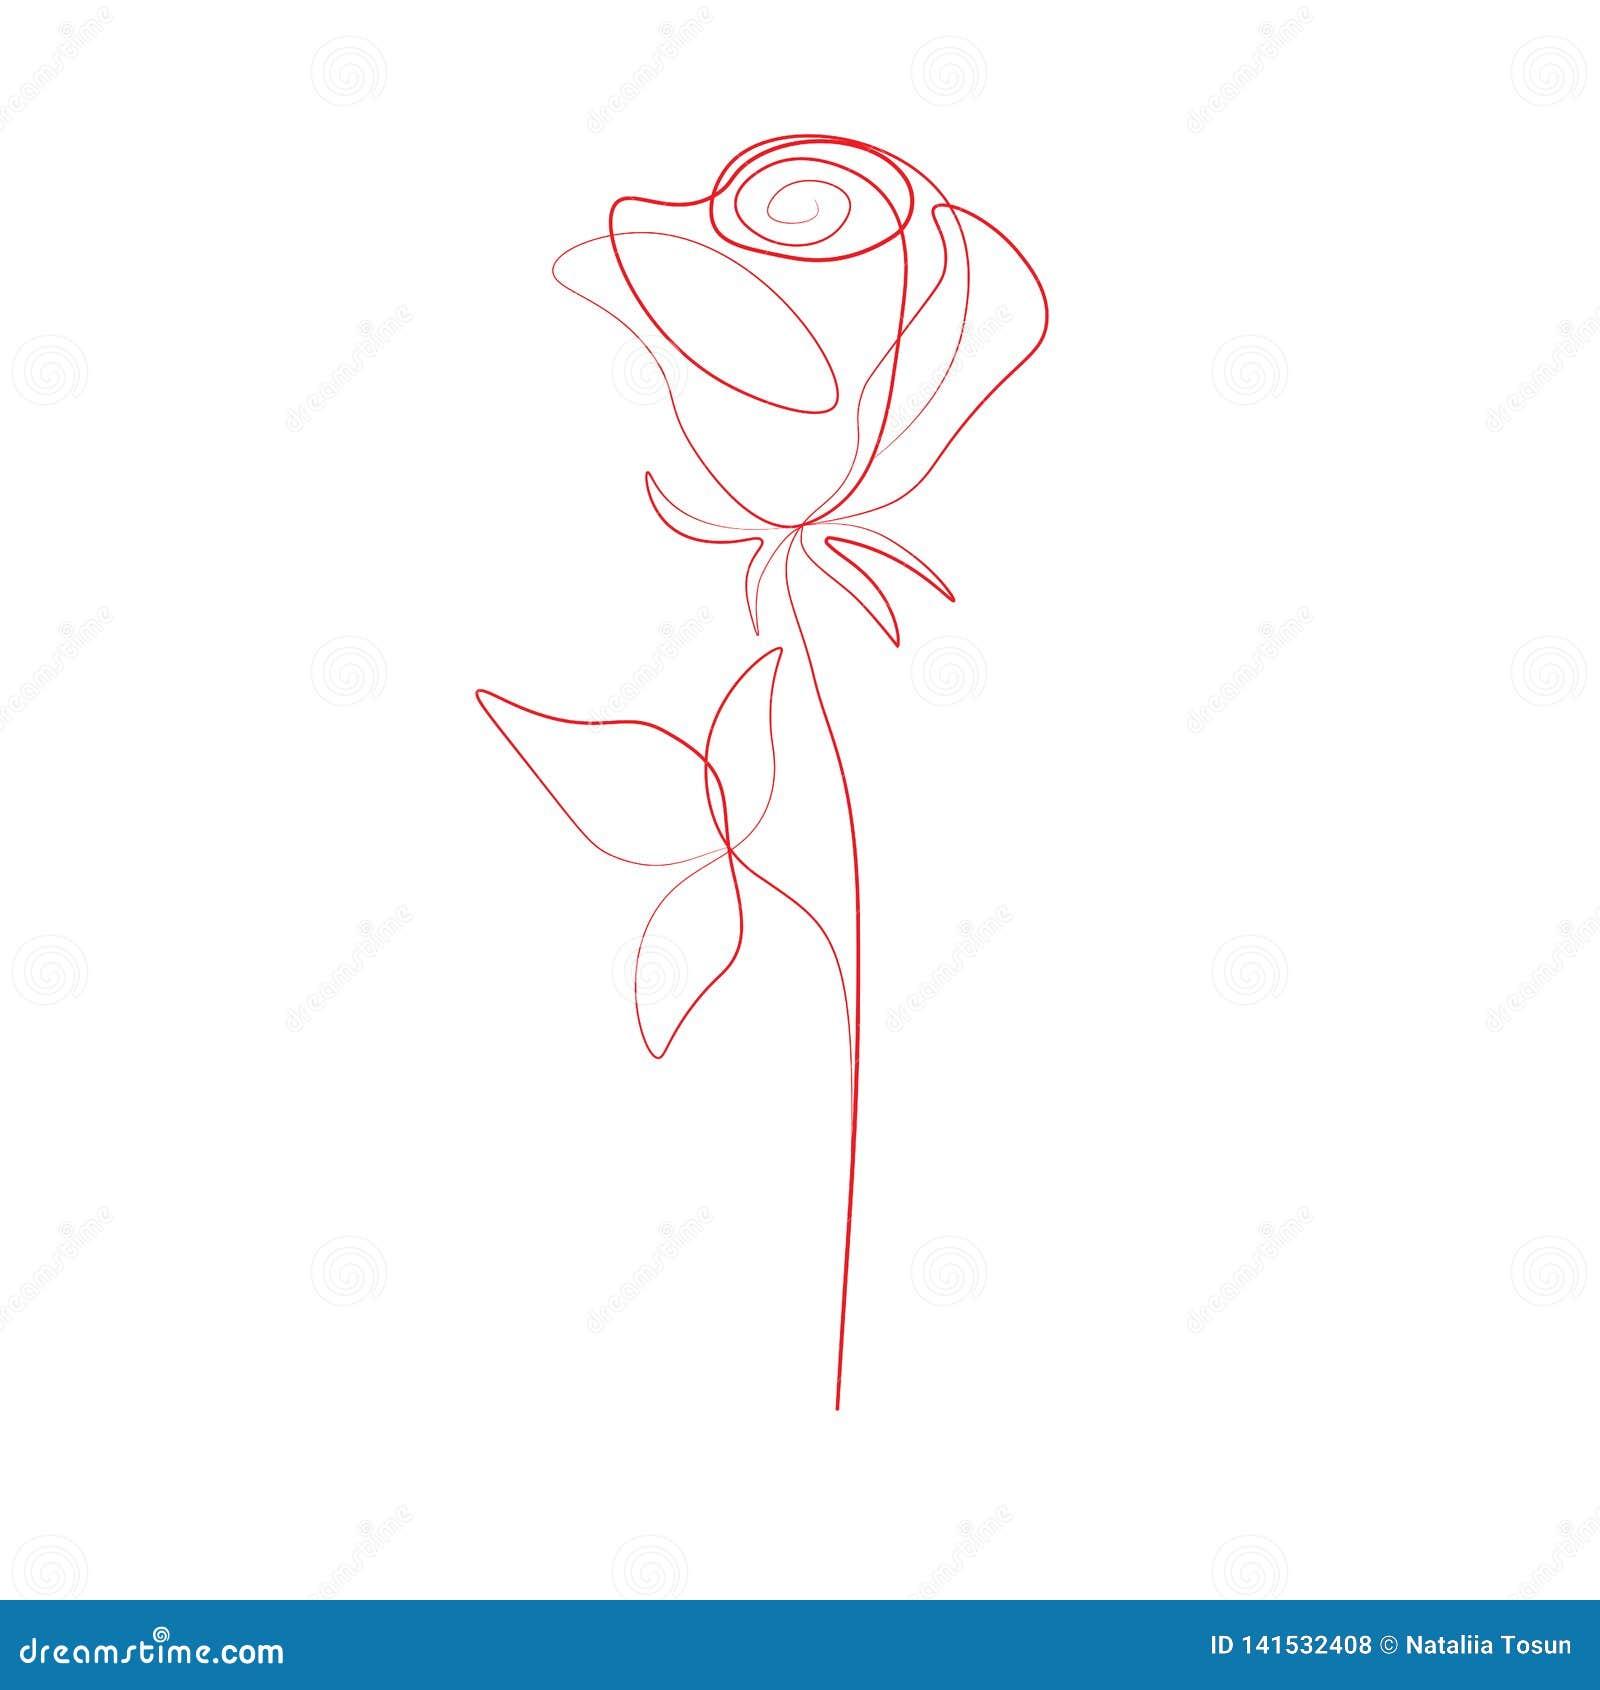 Dessin au trait impression un a monté fleur, illustration de vecteur